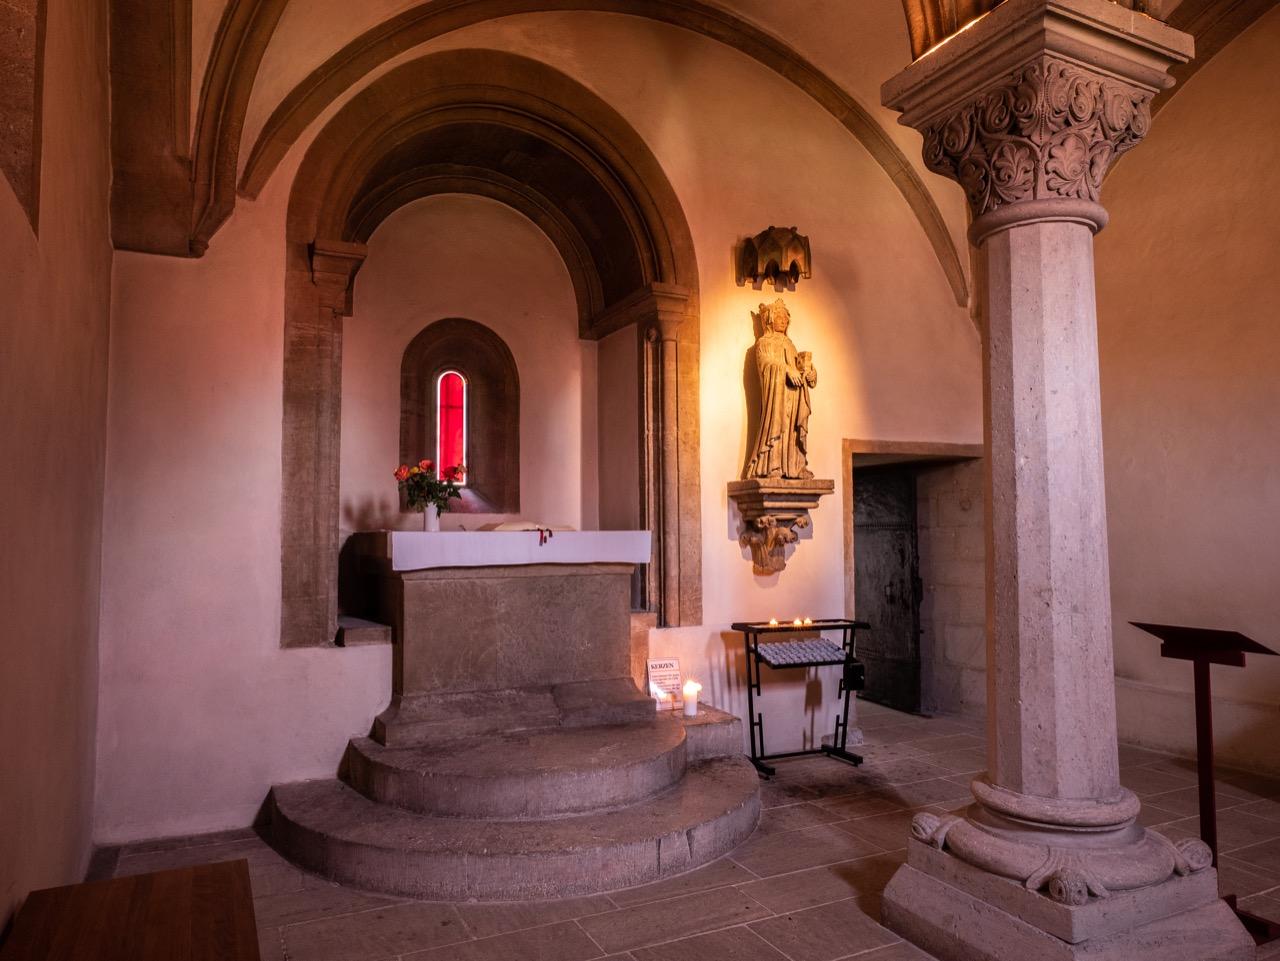 Elisabethkapelle im Erdgeschoss des Nordwestturms